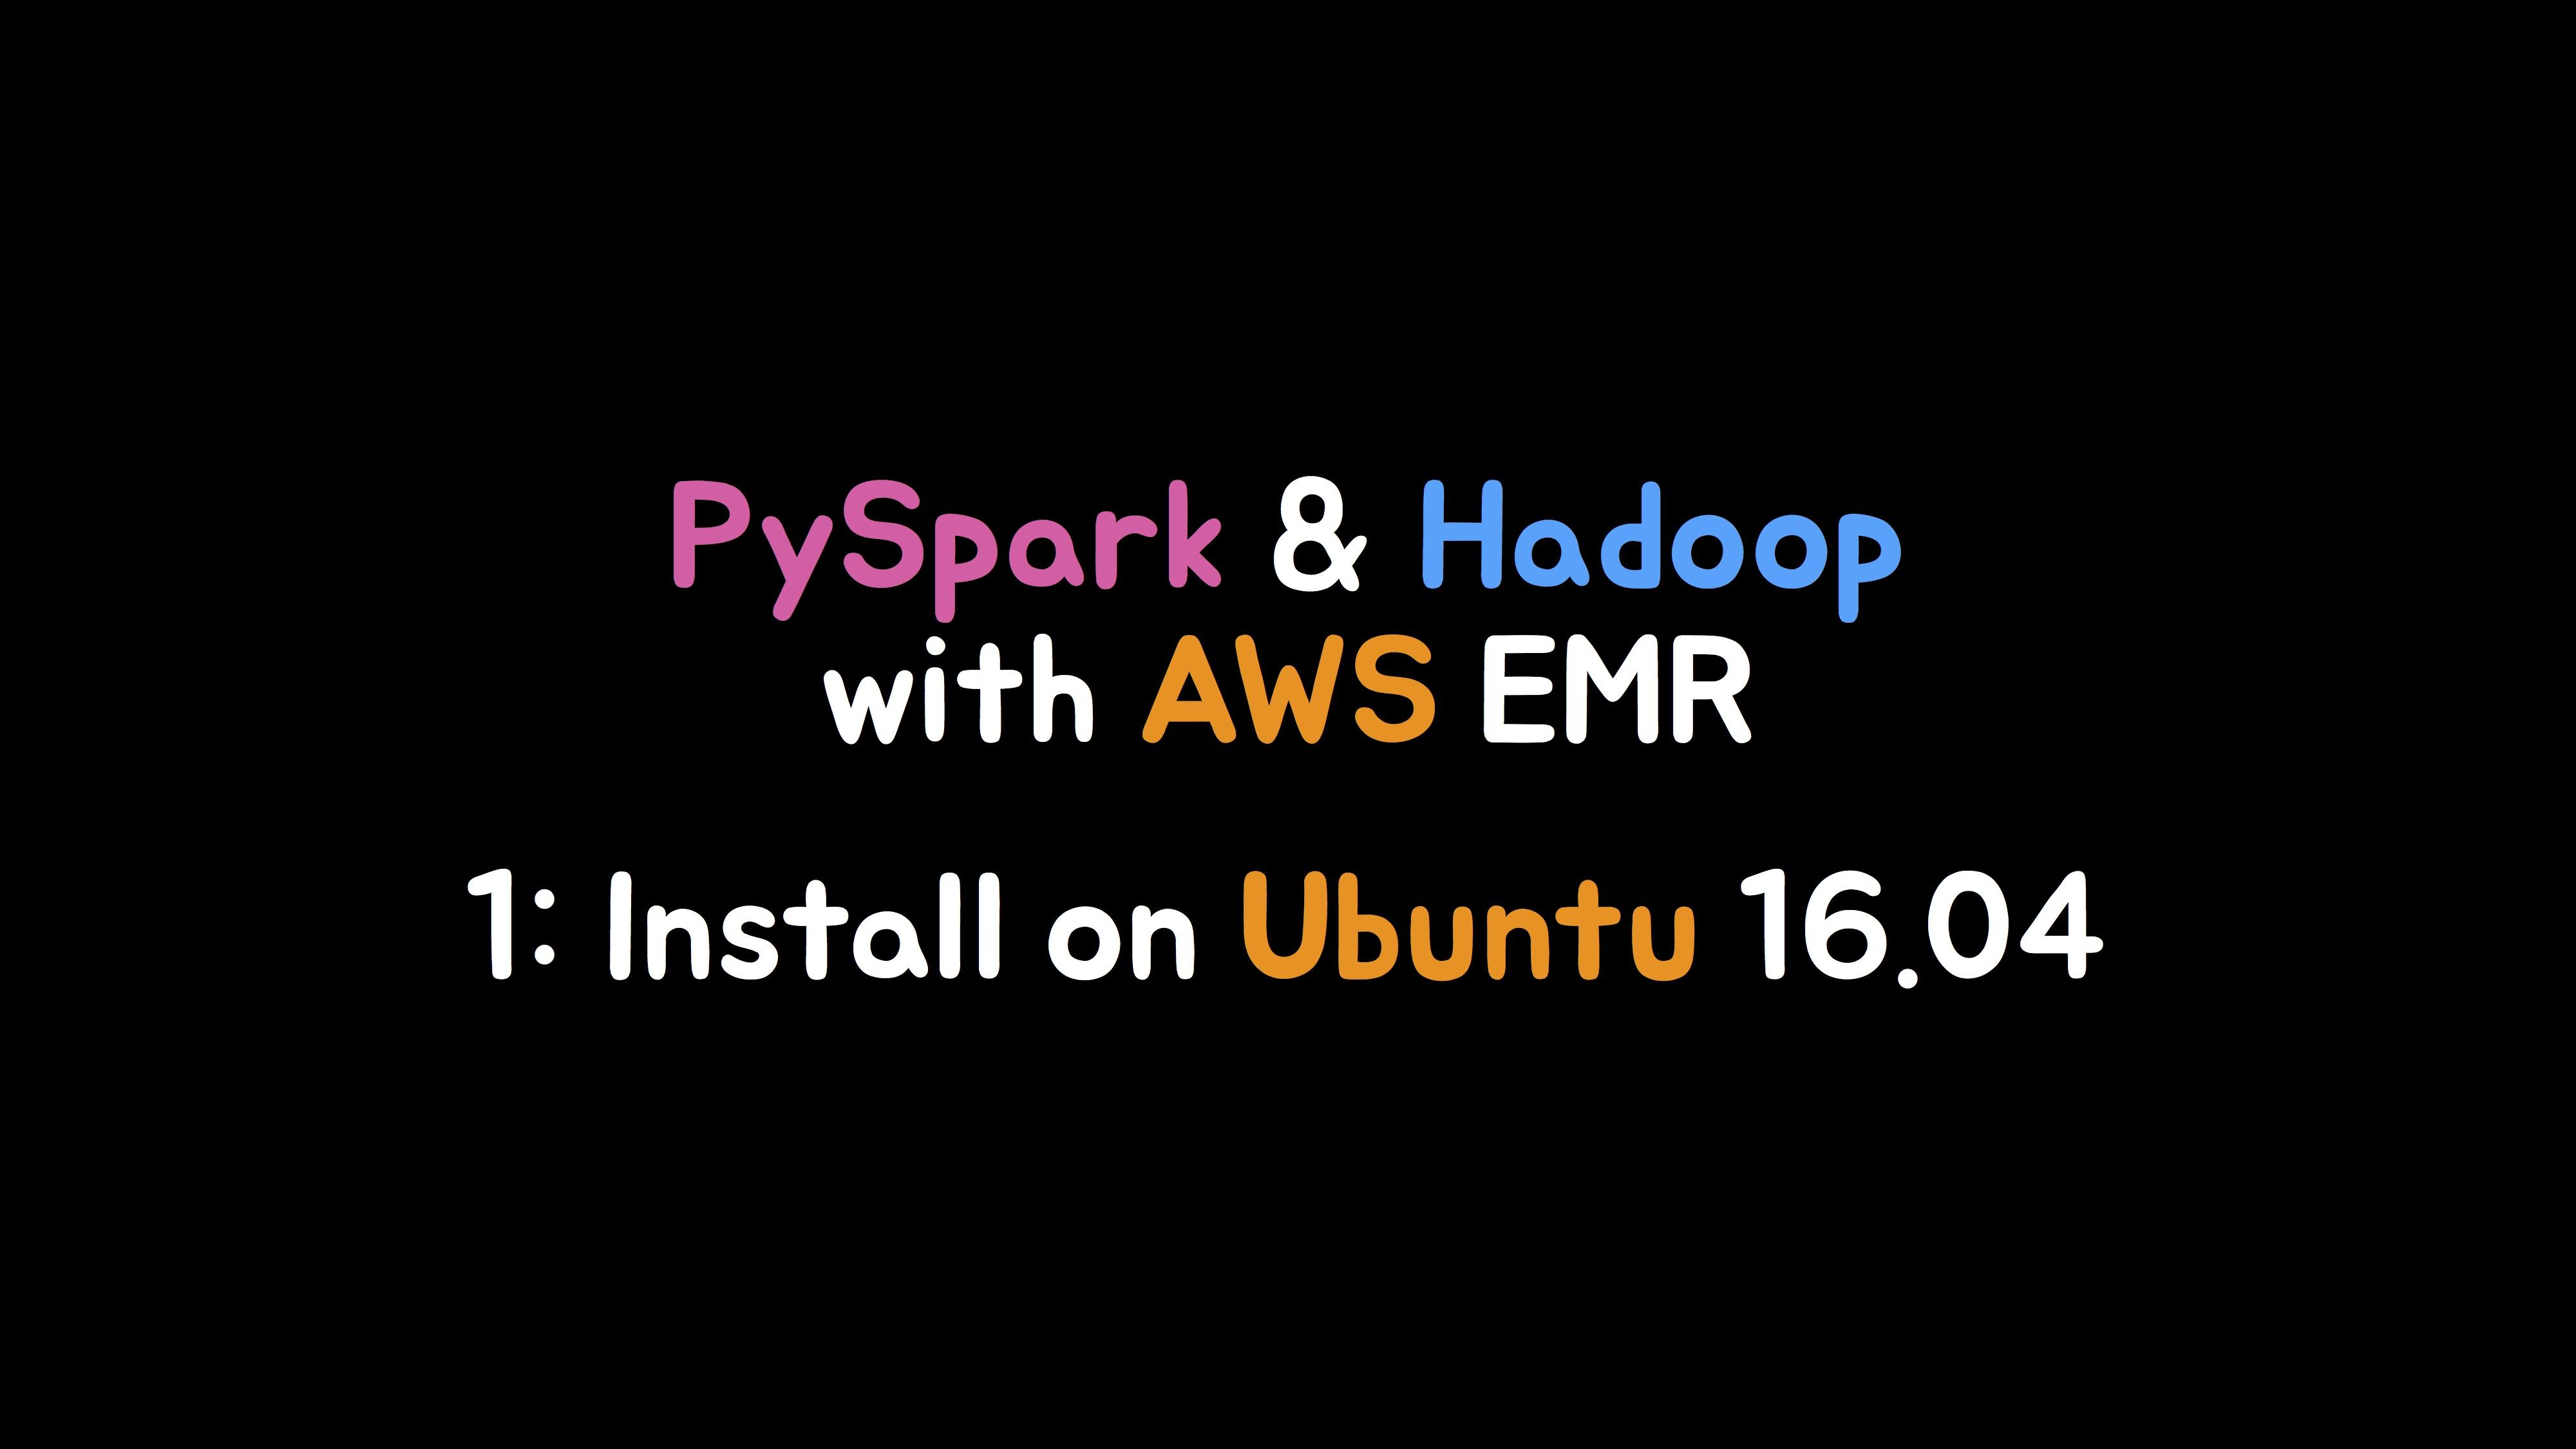 PySpark & Hadoop: 1) Ubuntu 16.04에 설치하기